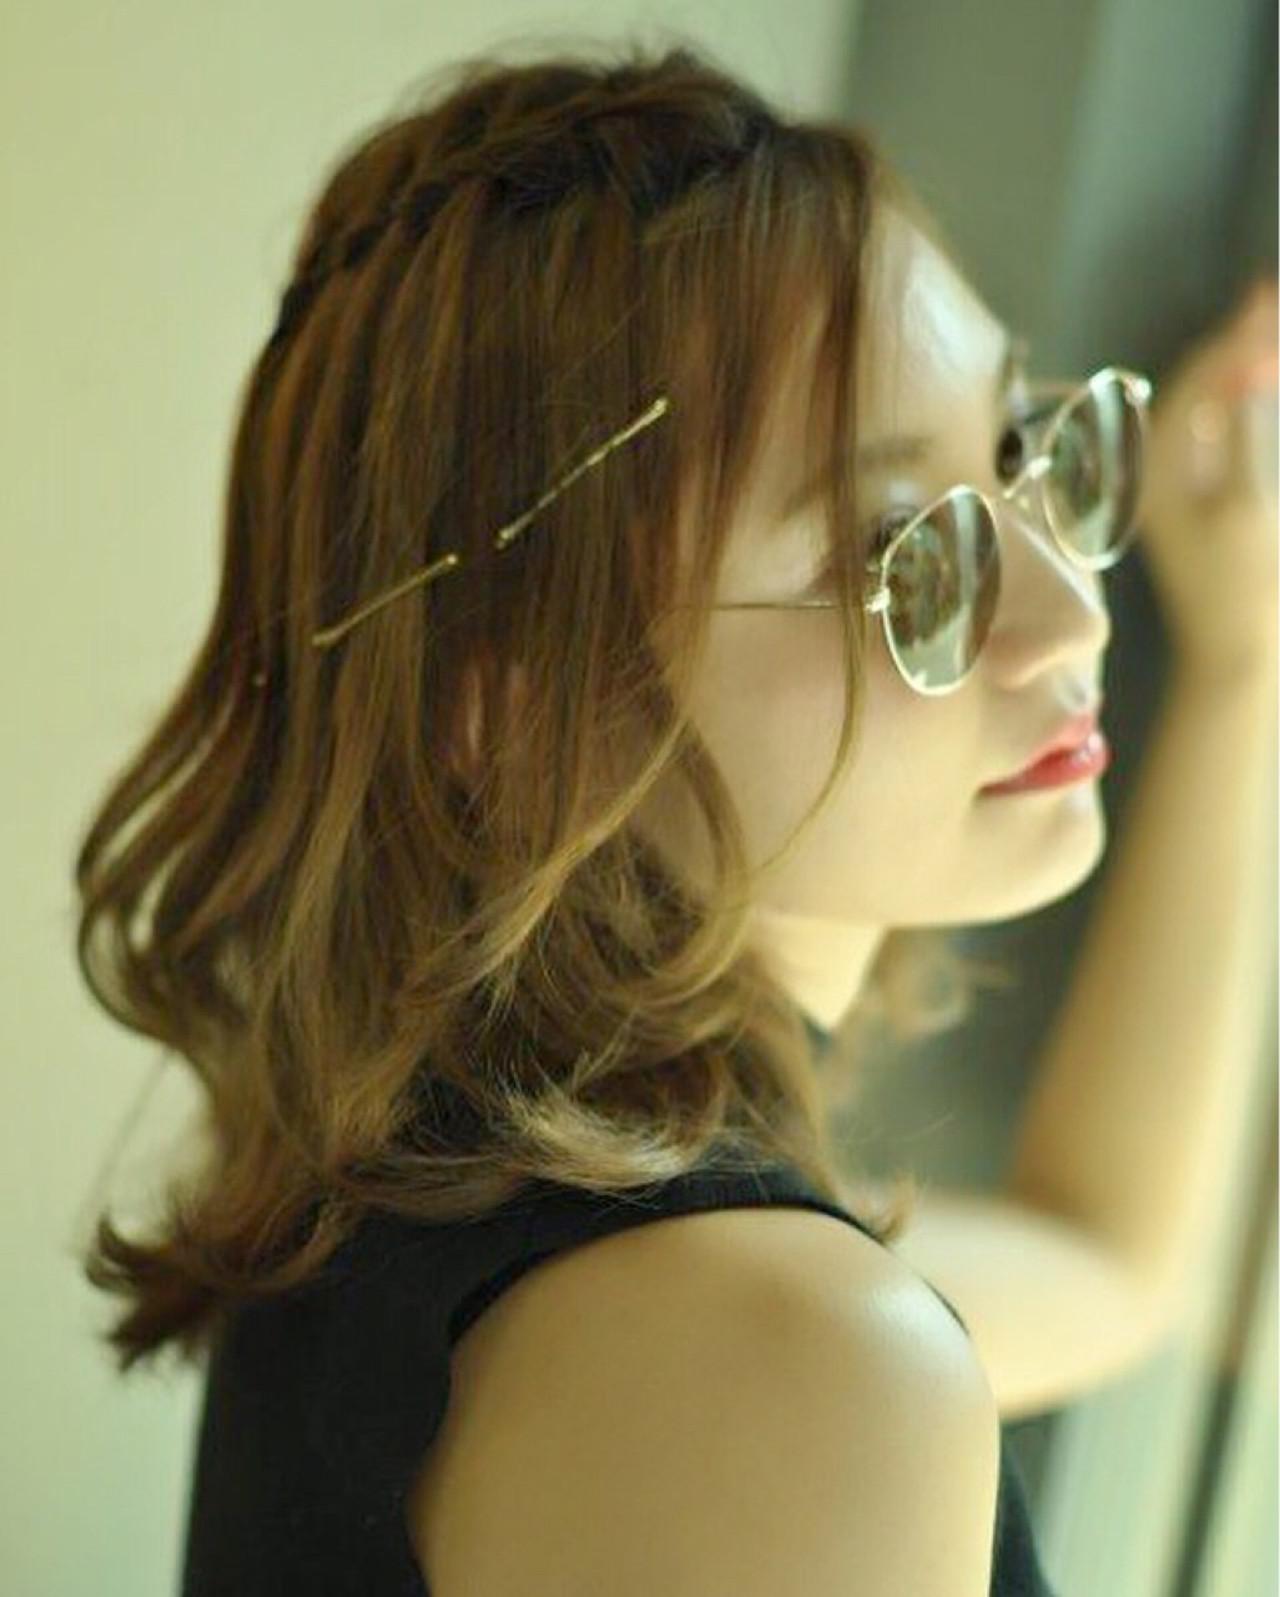 ハーフアップ ショート 簡単ヘアアレンジ ウォーターフォール ヘアスタイルや髪型の写真・画像 | 会沢 学 / stance